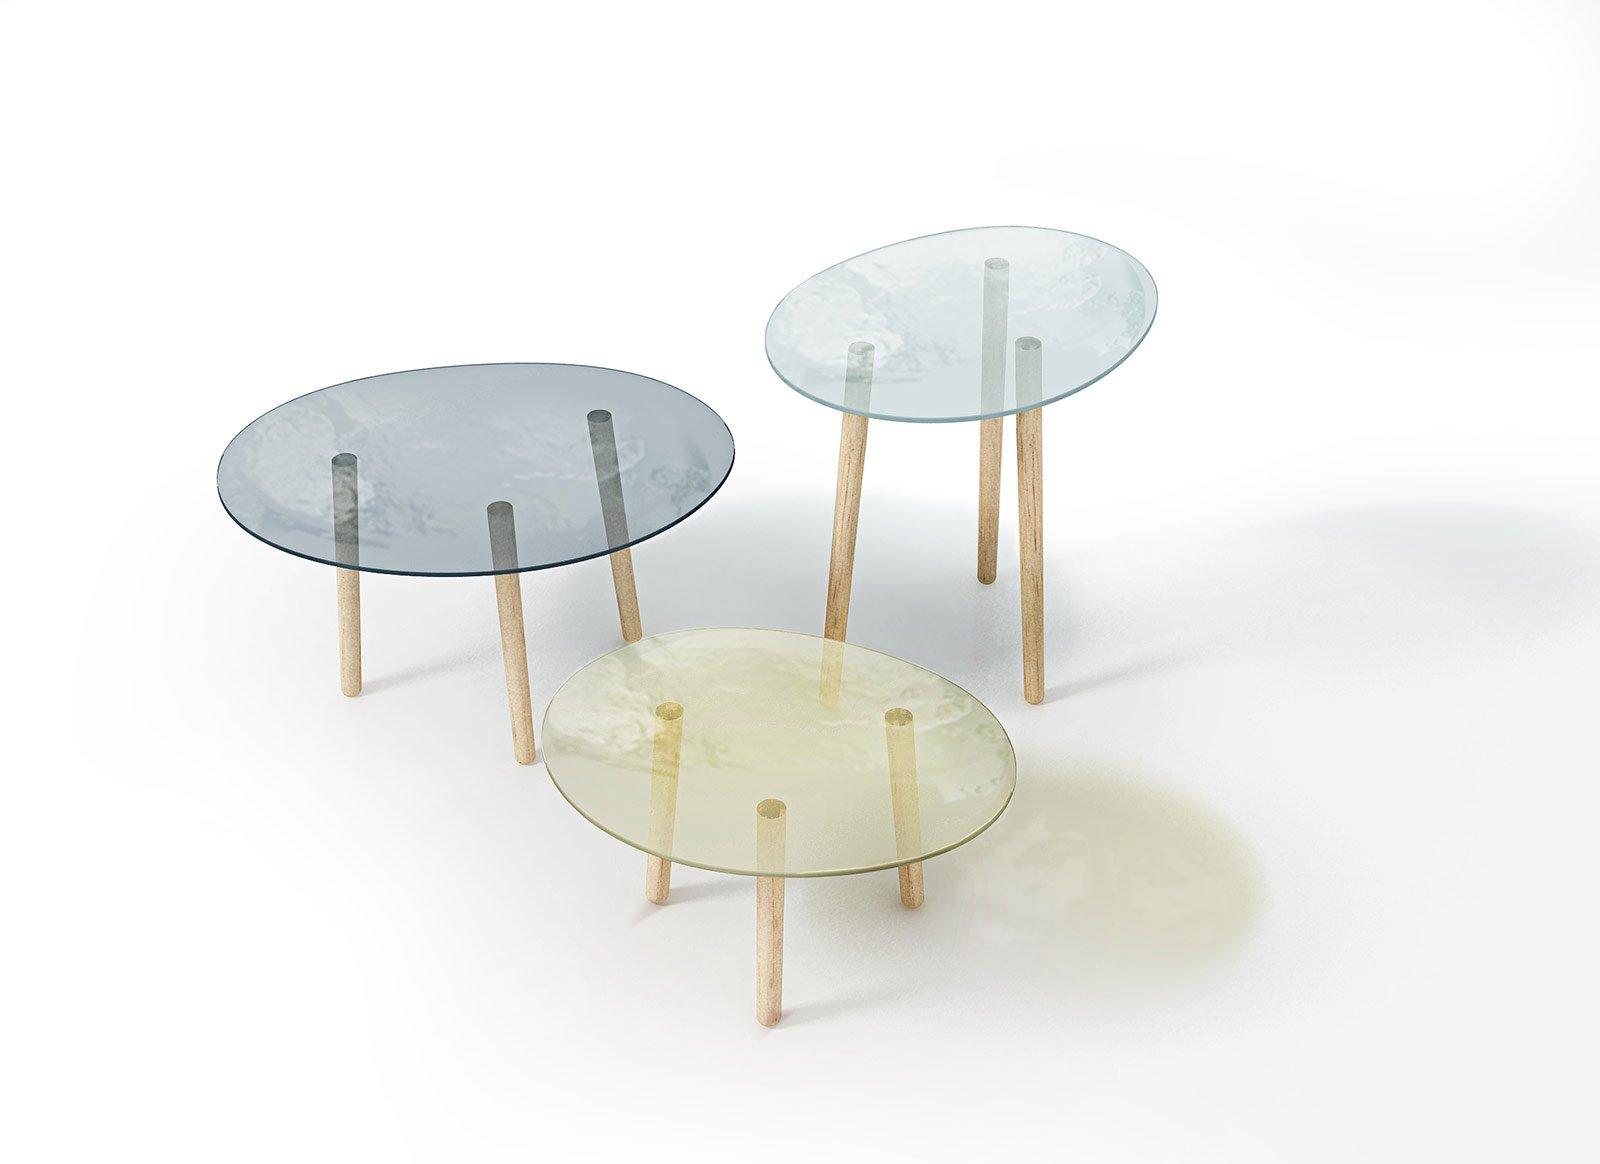 Mobili soggiorno legno usati : mobili arredo negozi usati. mobili ...